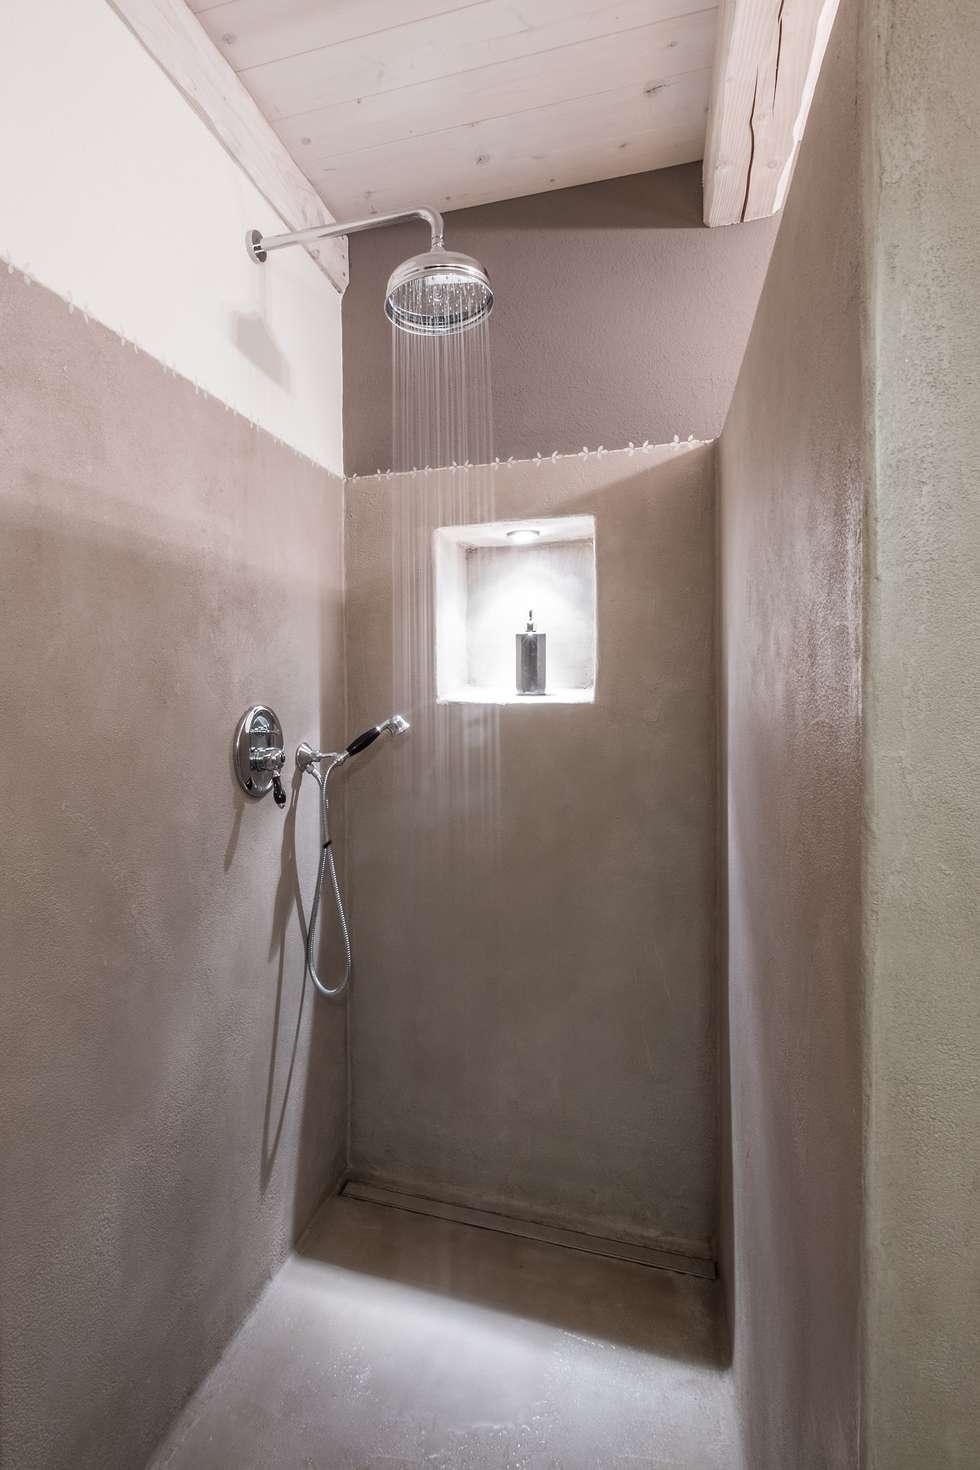 doccia: Bagno in stile in stile Coloniale di UAU un'architettura unica